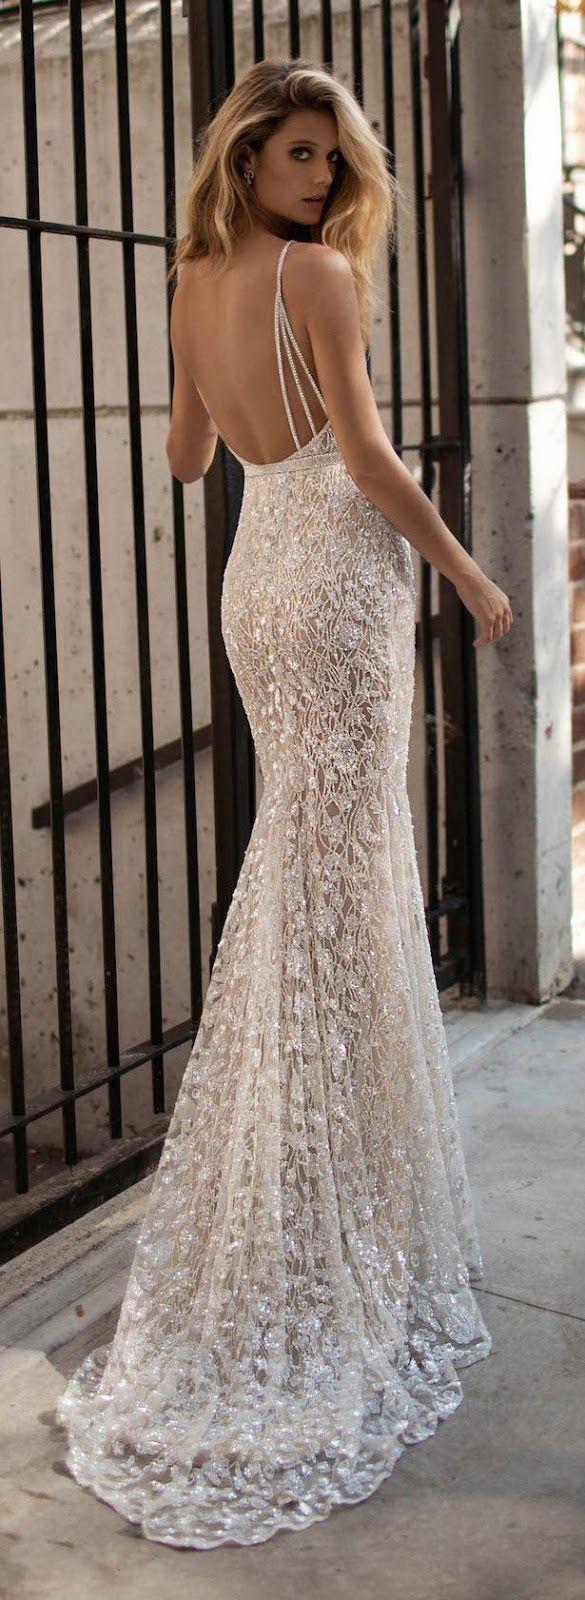 Lace wedding dress under 200 november 2018  best Wedding Stuff images on Pinterest  Engagements Wedding